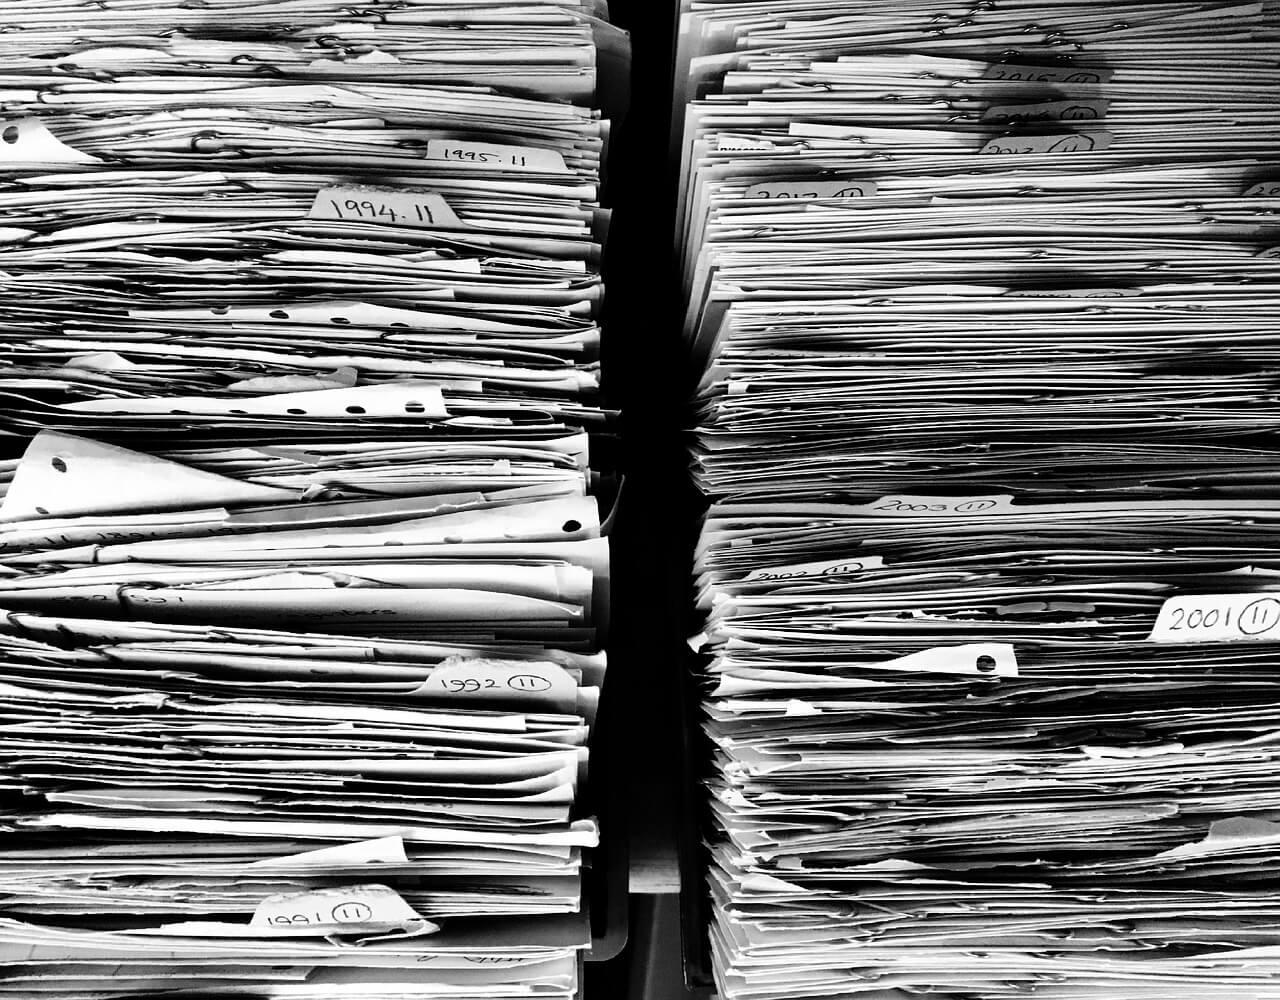 На фото изображены две стопки документов.